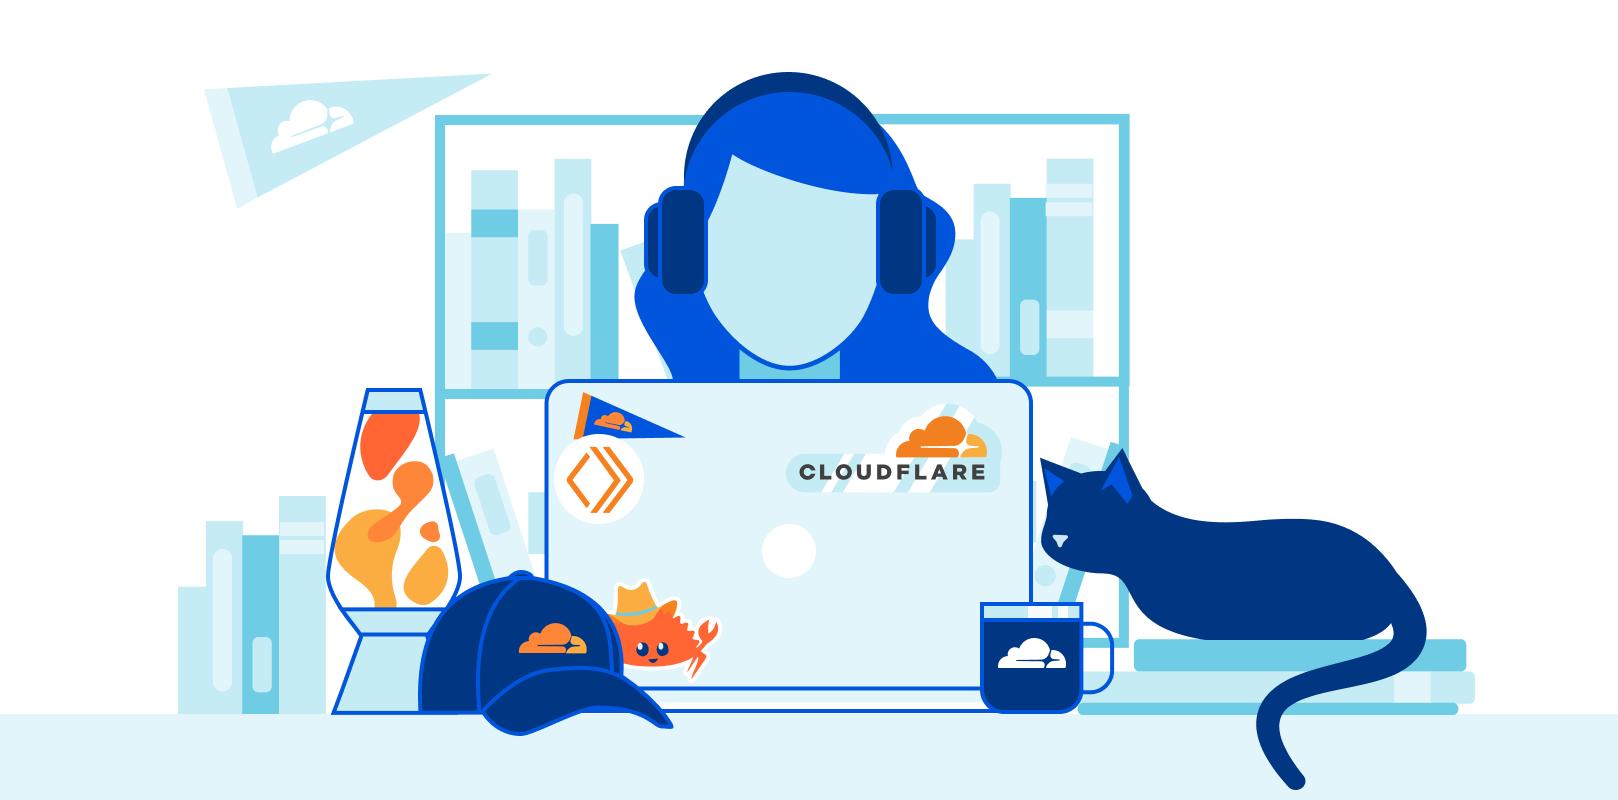 Cloudflare Developer Summer Challenge